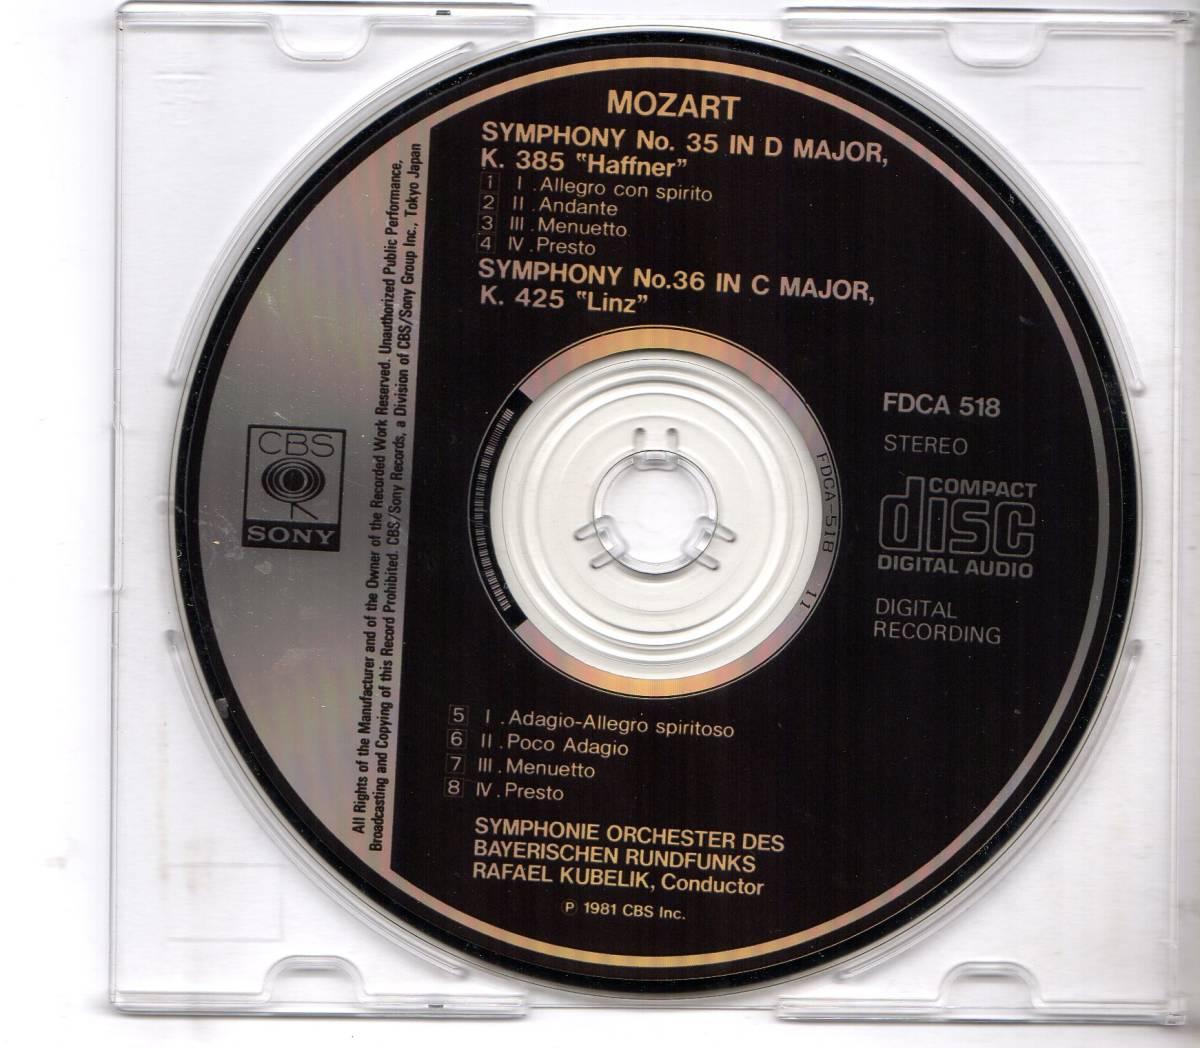 CD モーツァルト:交響曲第35番「ハフナー」、第36番「リンツ」  ラファエル・クーベリック指揮 バイエルン放送交響楽団 _画像3